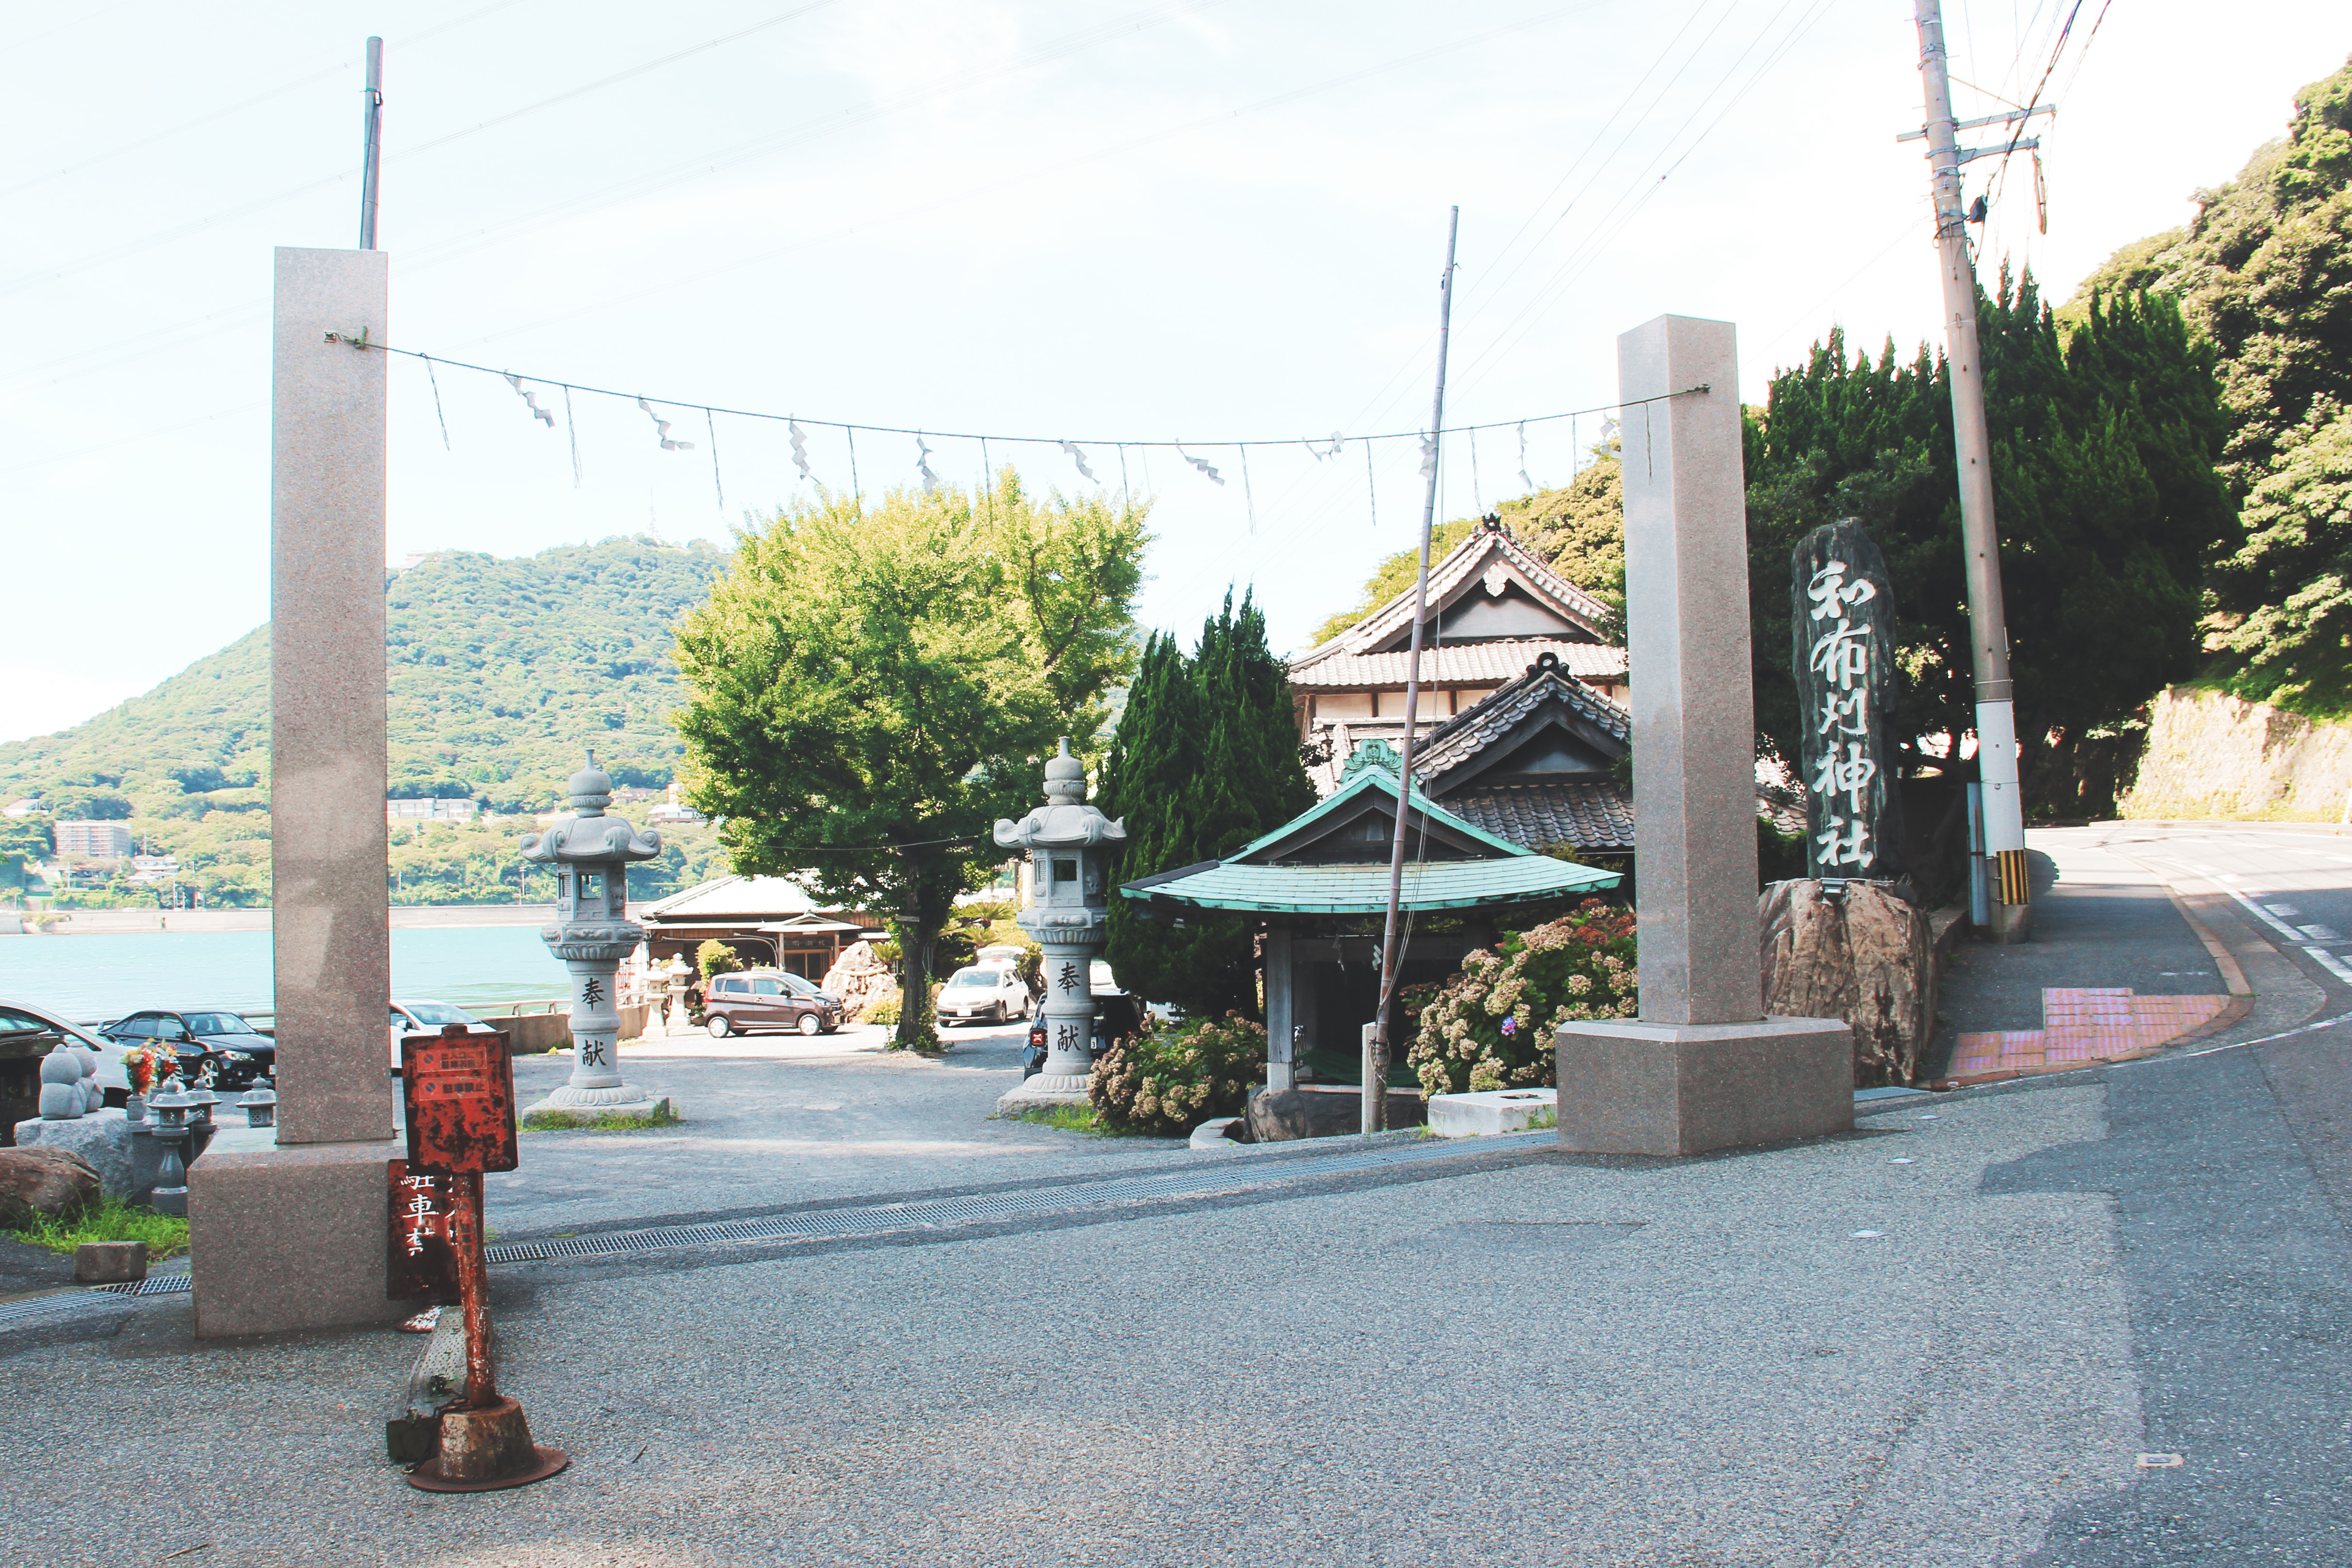 和布刈神社入口和对岸的火之山